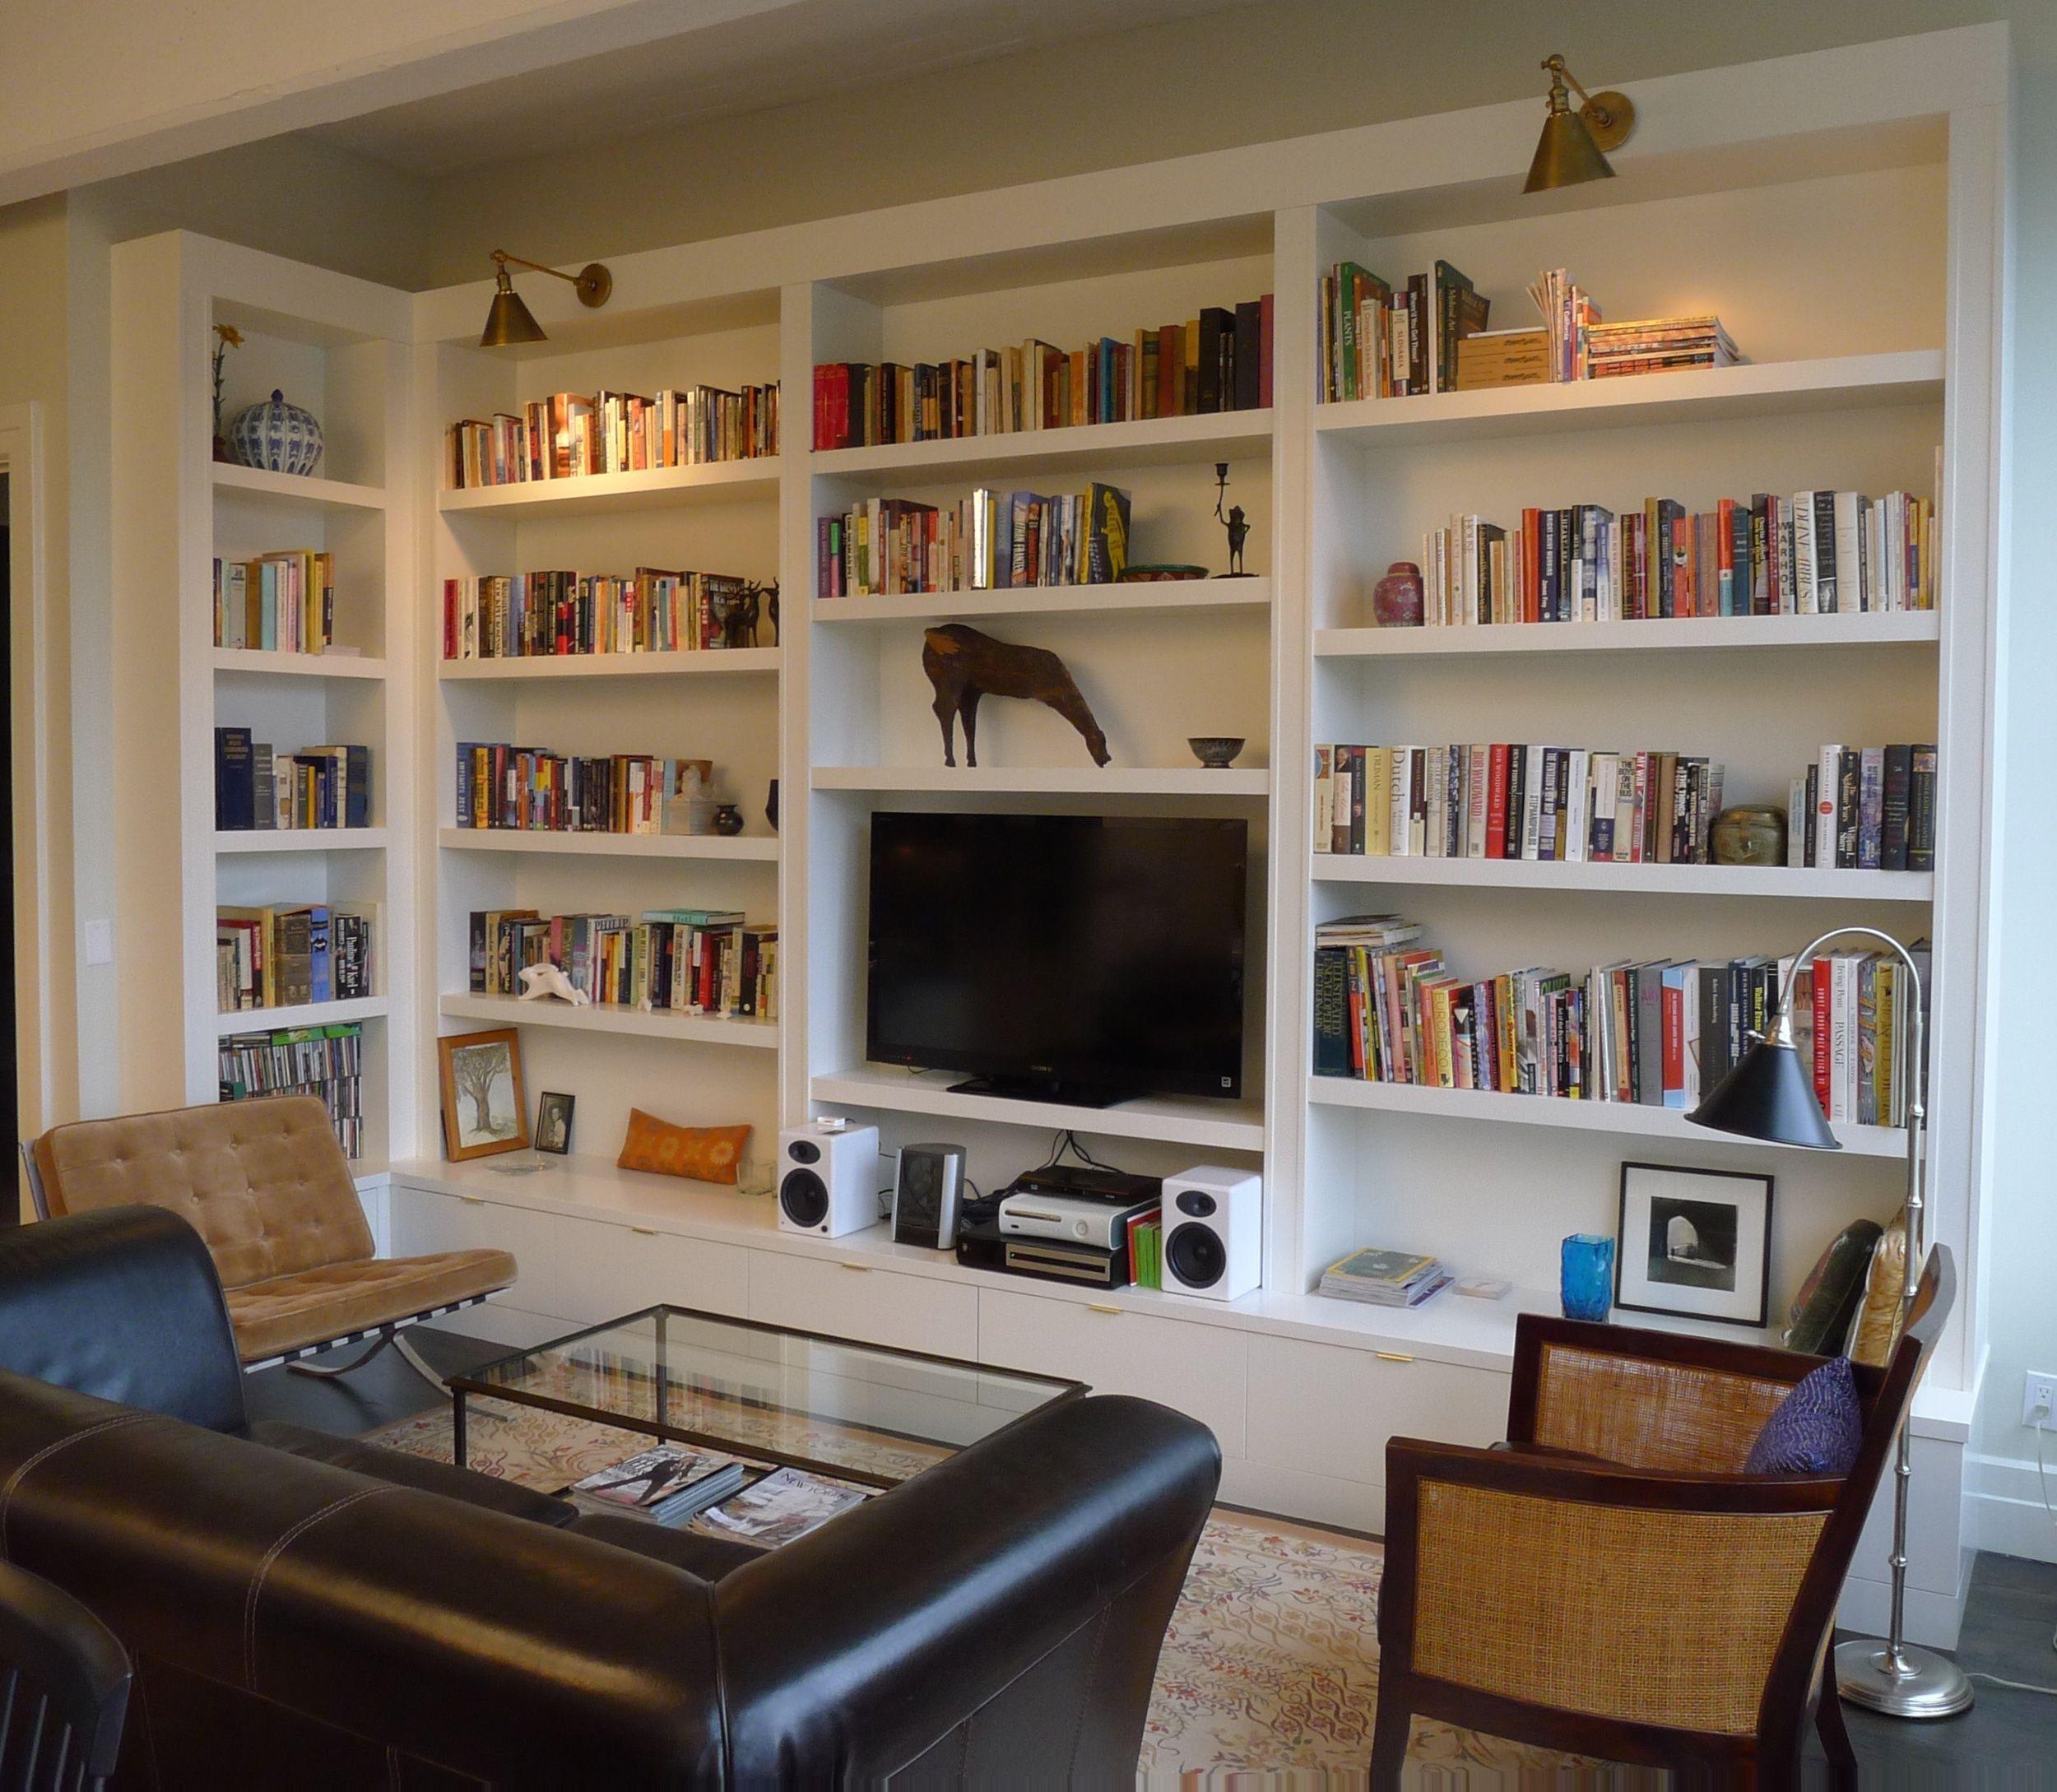 Pin by rachael on bookshelves in 2019  Living room